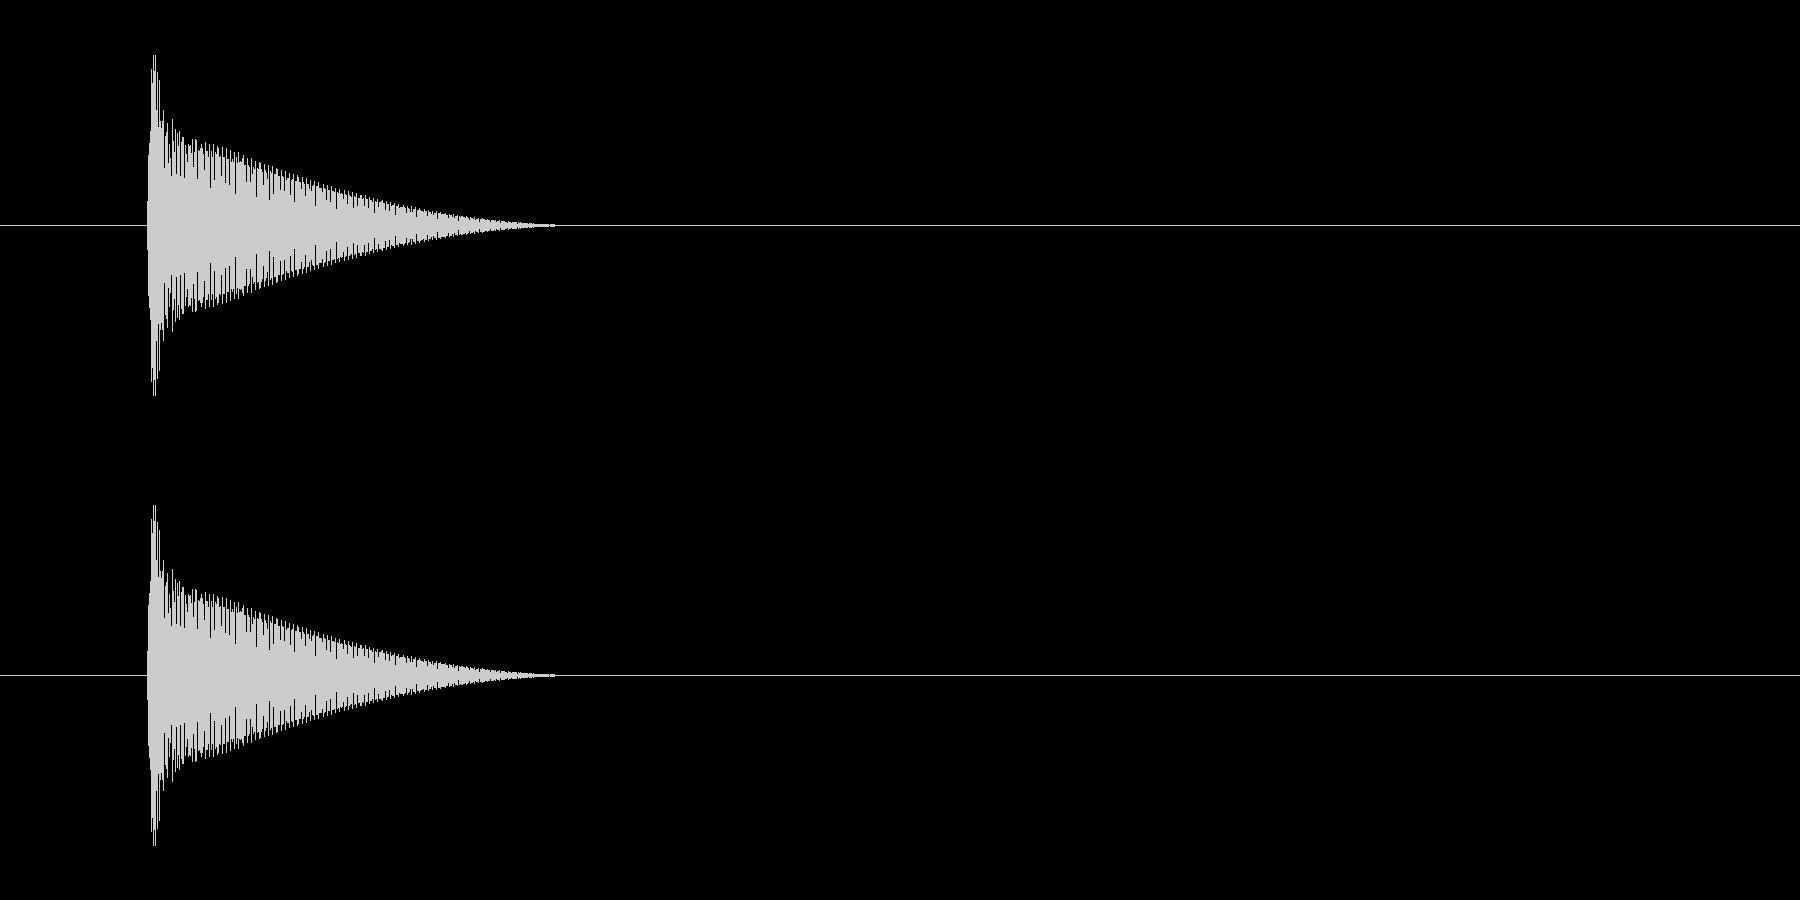 「ピ」決定 カーソル移動 メニューの未再生の波形